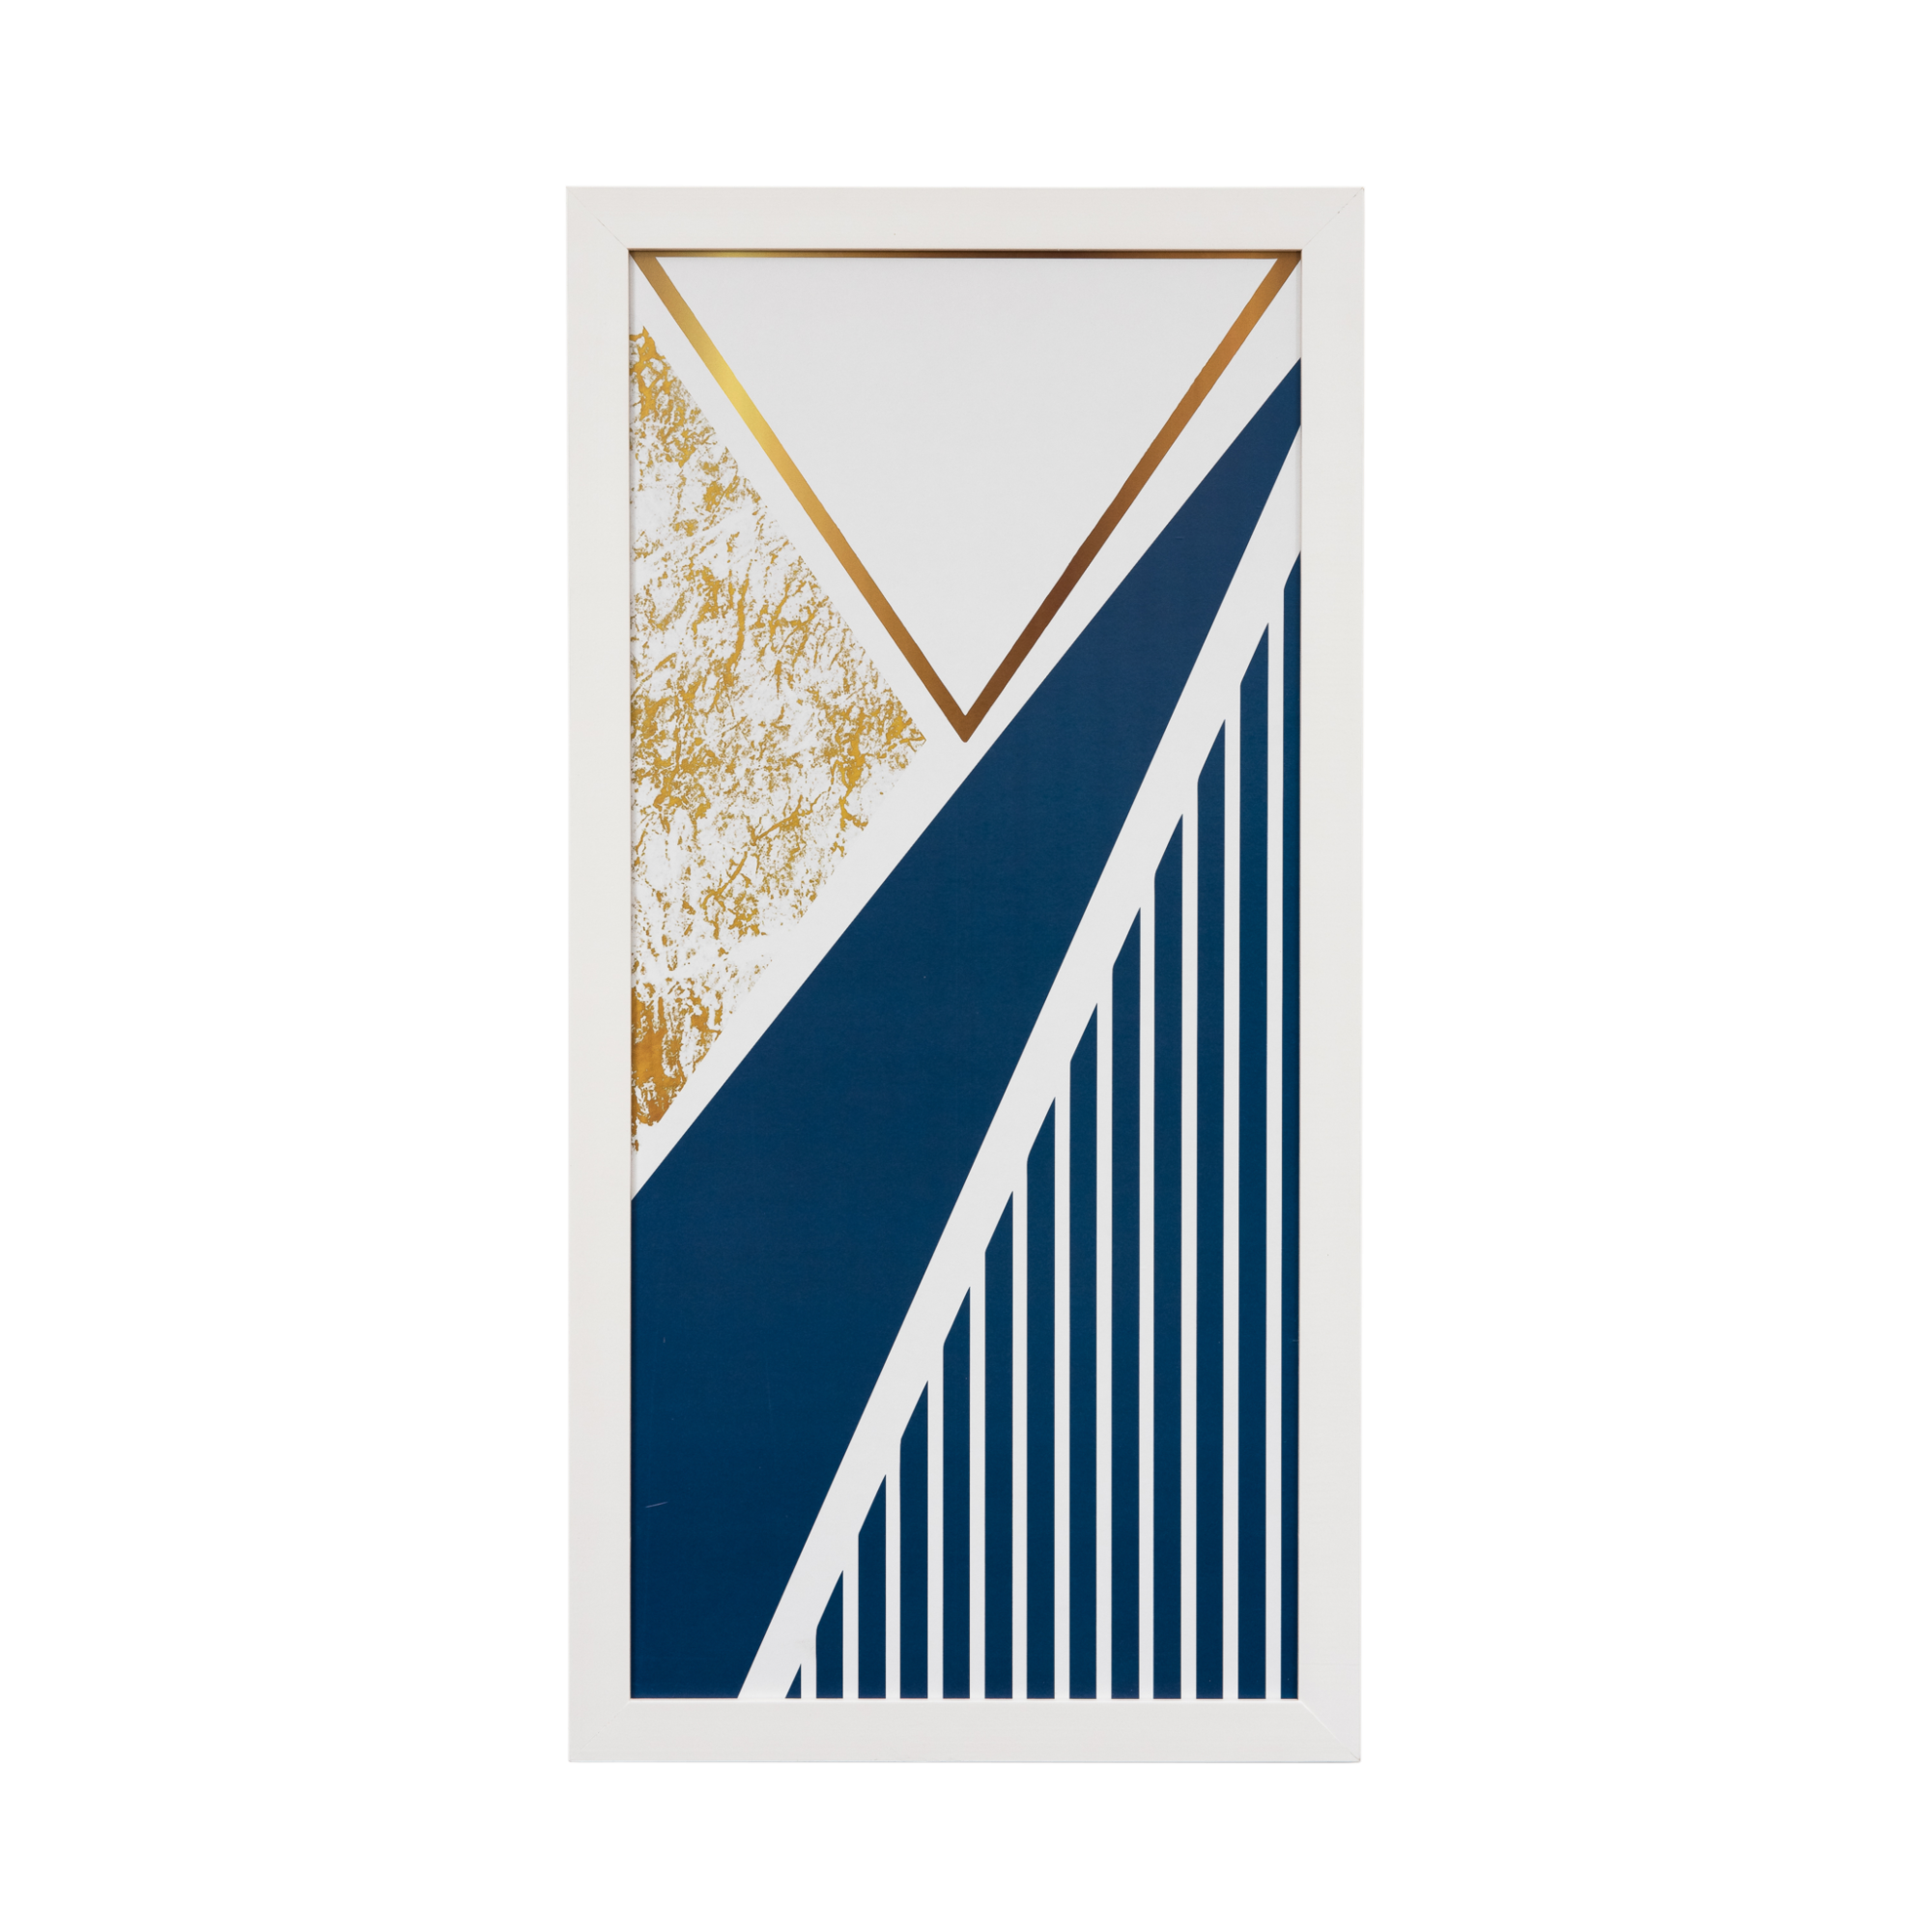 Quadro Decorativo 33x70cm Geometrico Azul - Art Frame